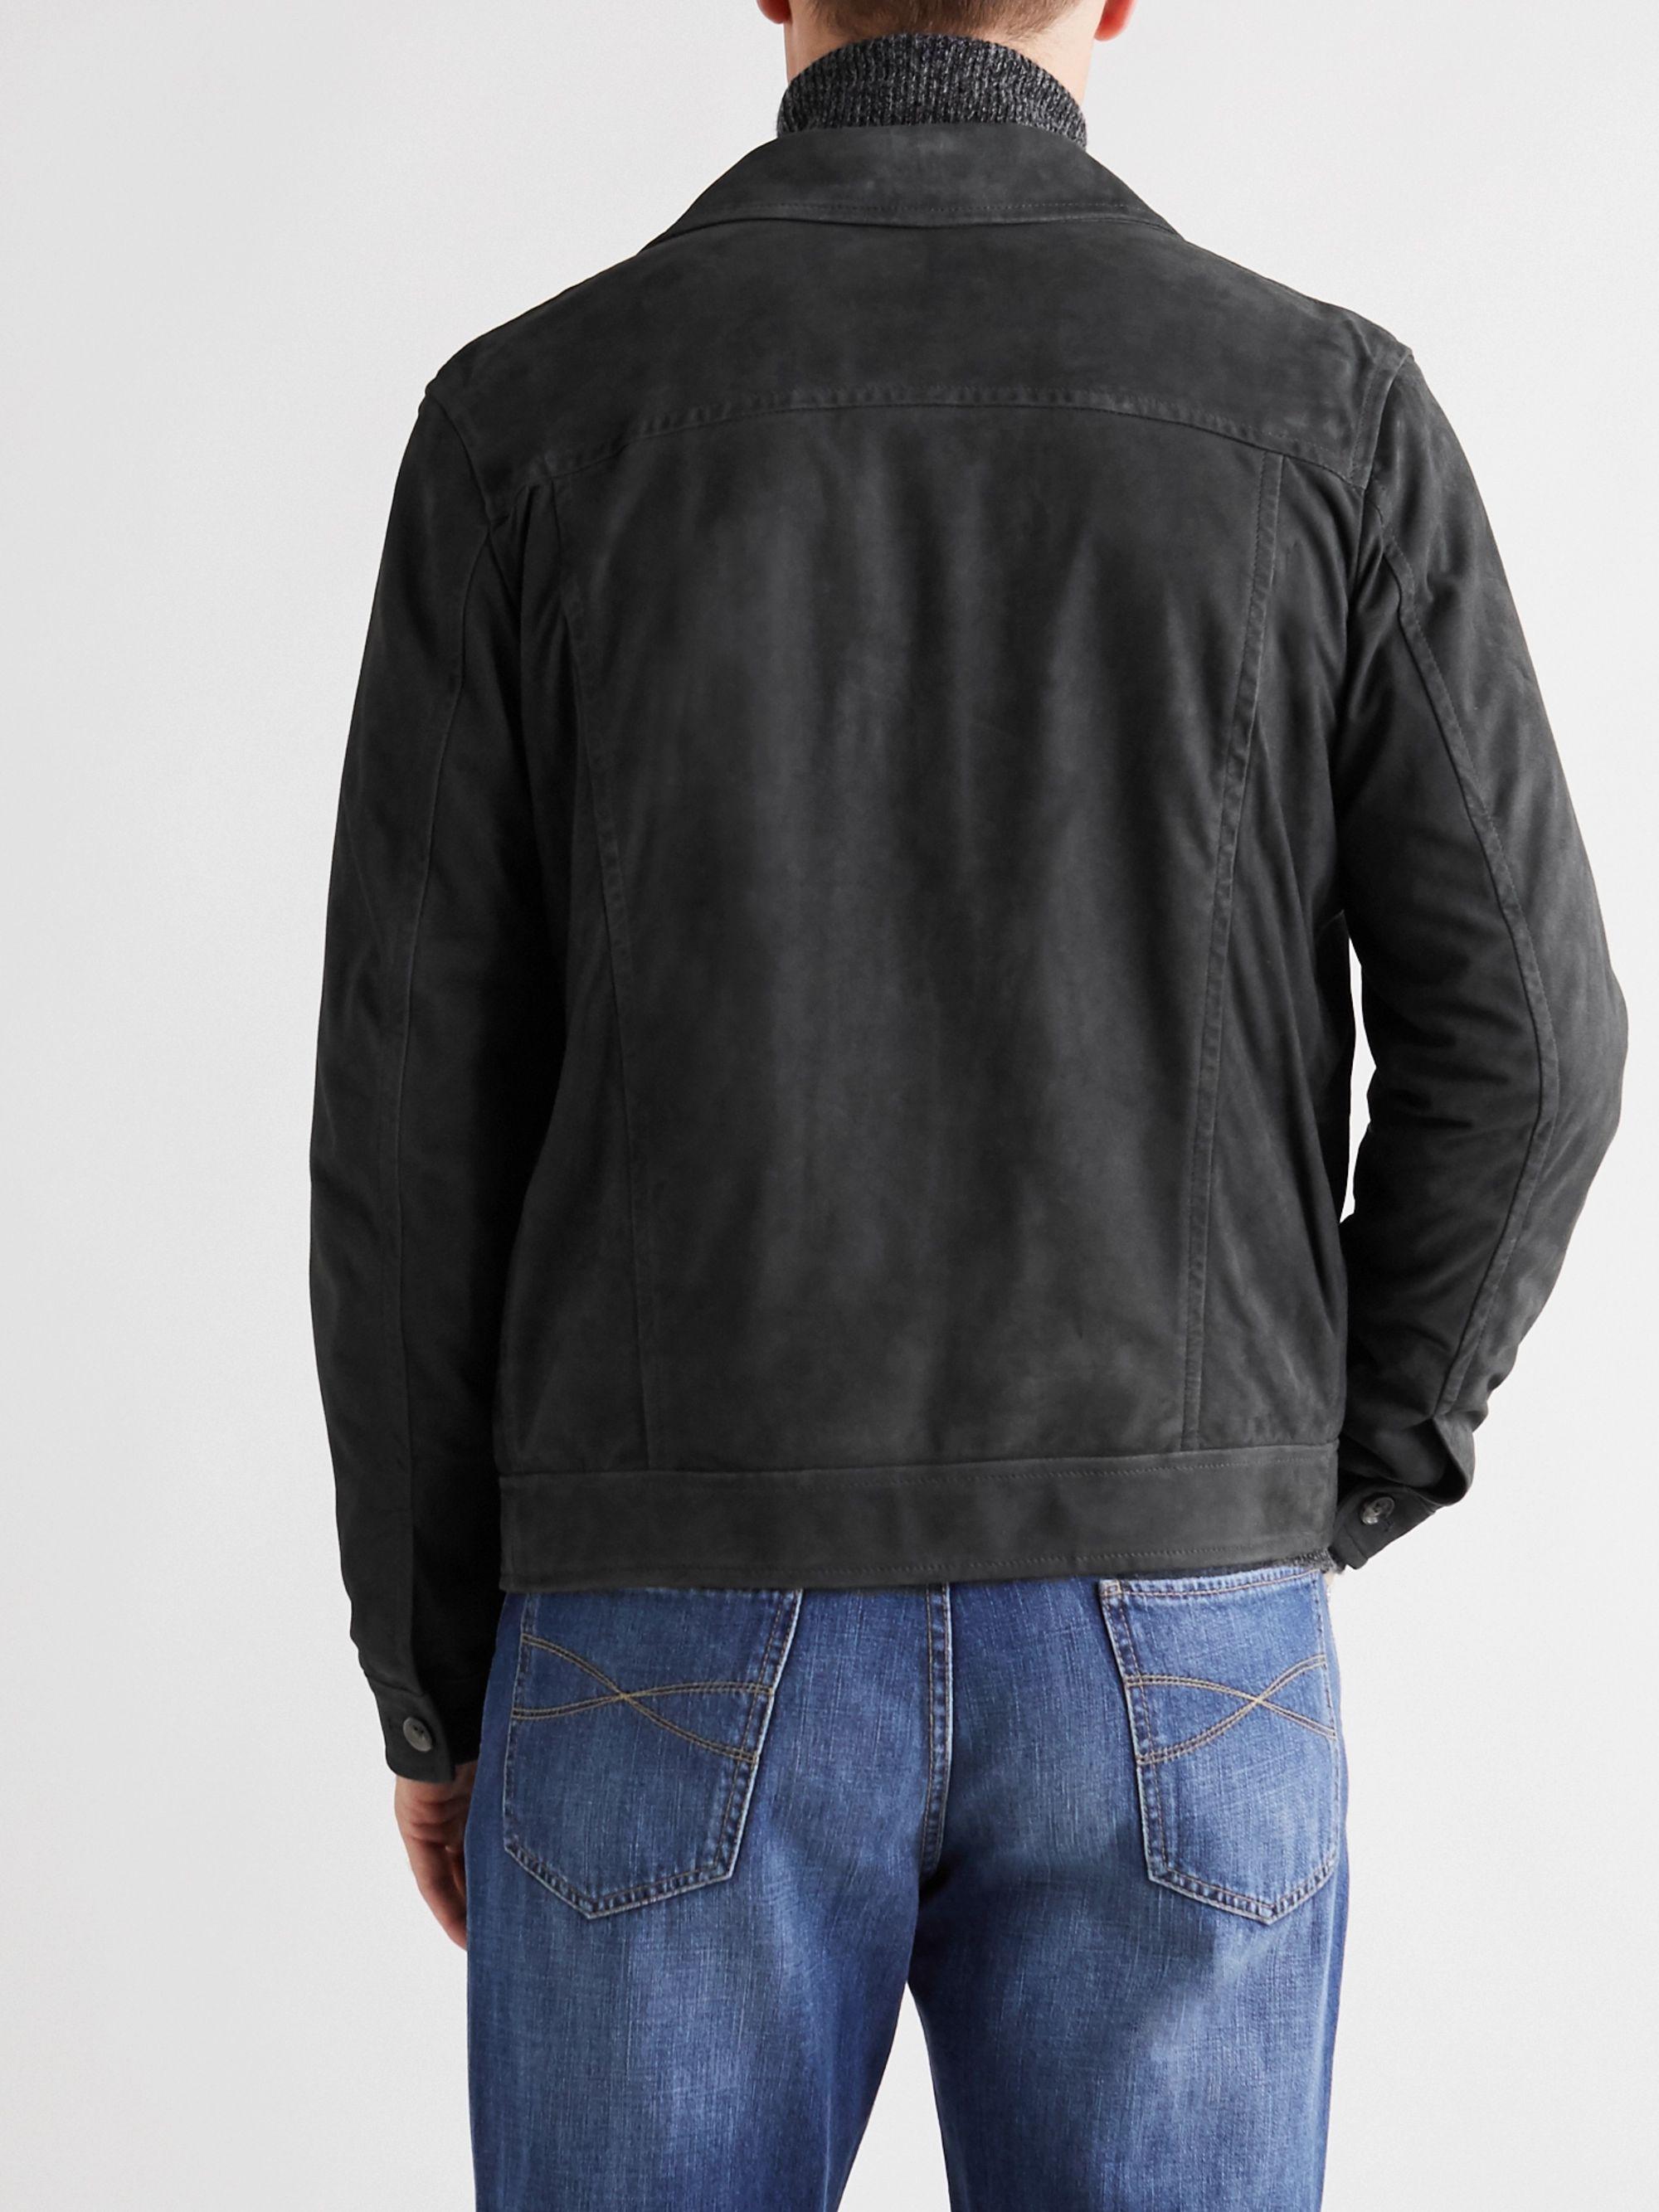 Blue Slim-fit Suede Trucker Jacket | Isaia